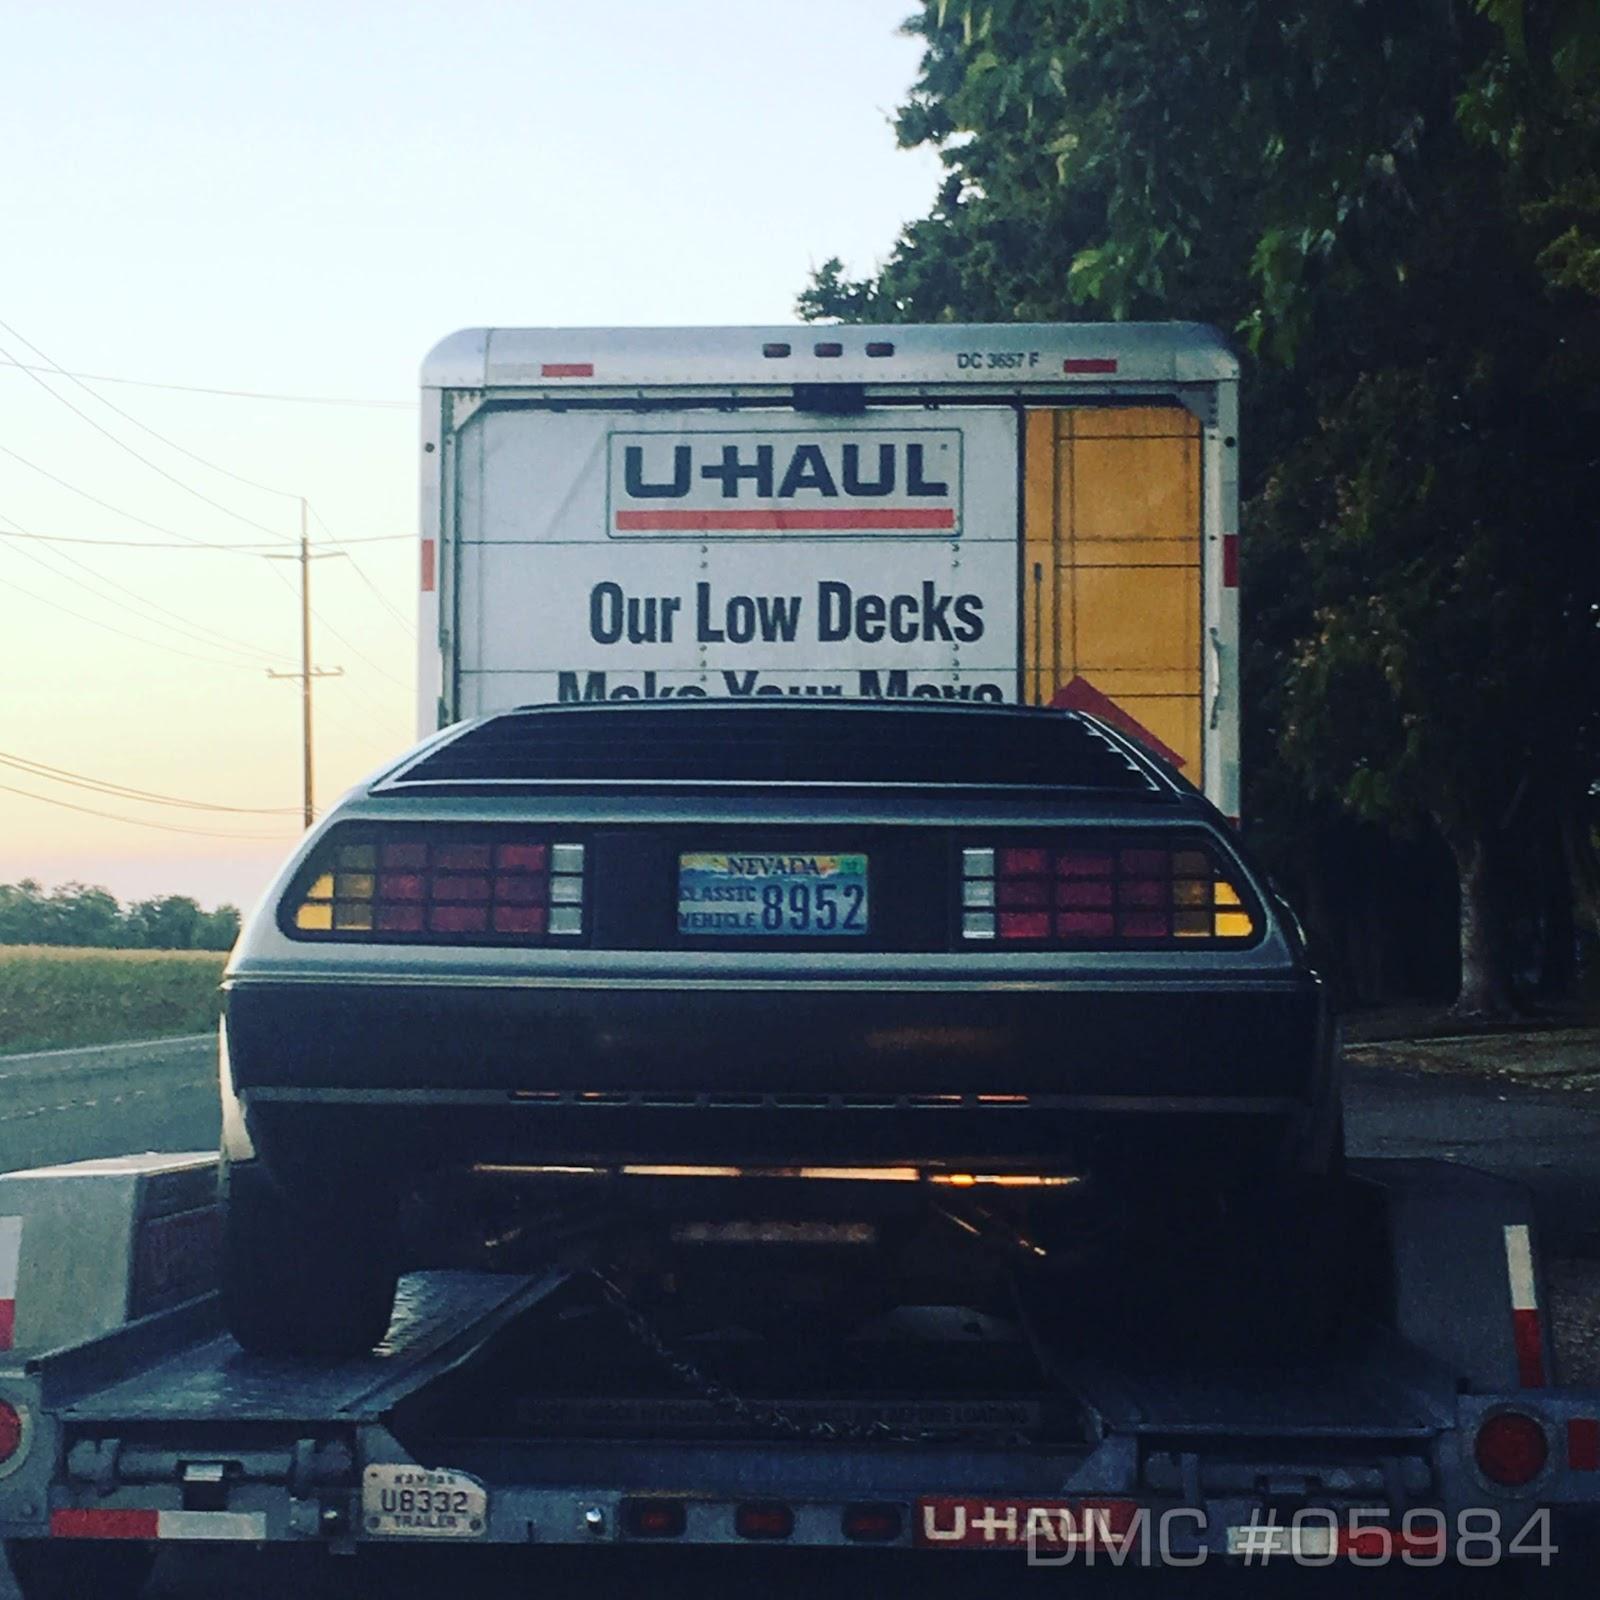 www.DeLoreanDirectory.com